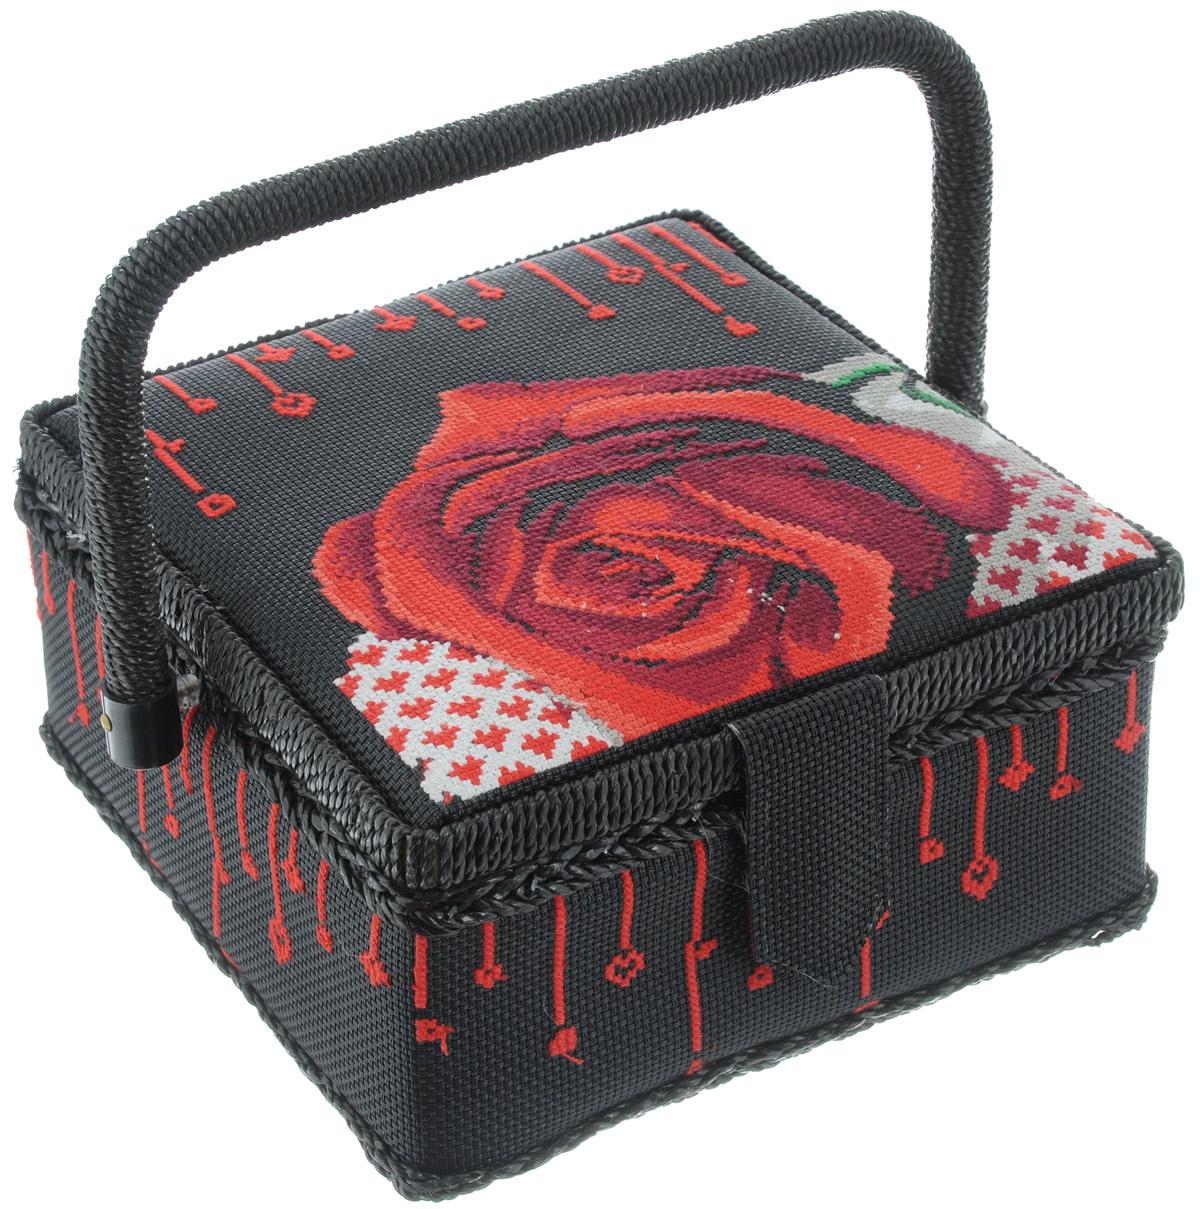 Шкатулка для рукоделия RTO Романтика, 20 х 20 х 11 см шкатулка для бижутерии восьмиугольная 20 х 13 х 8 см